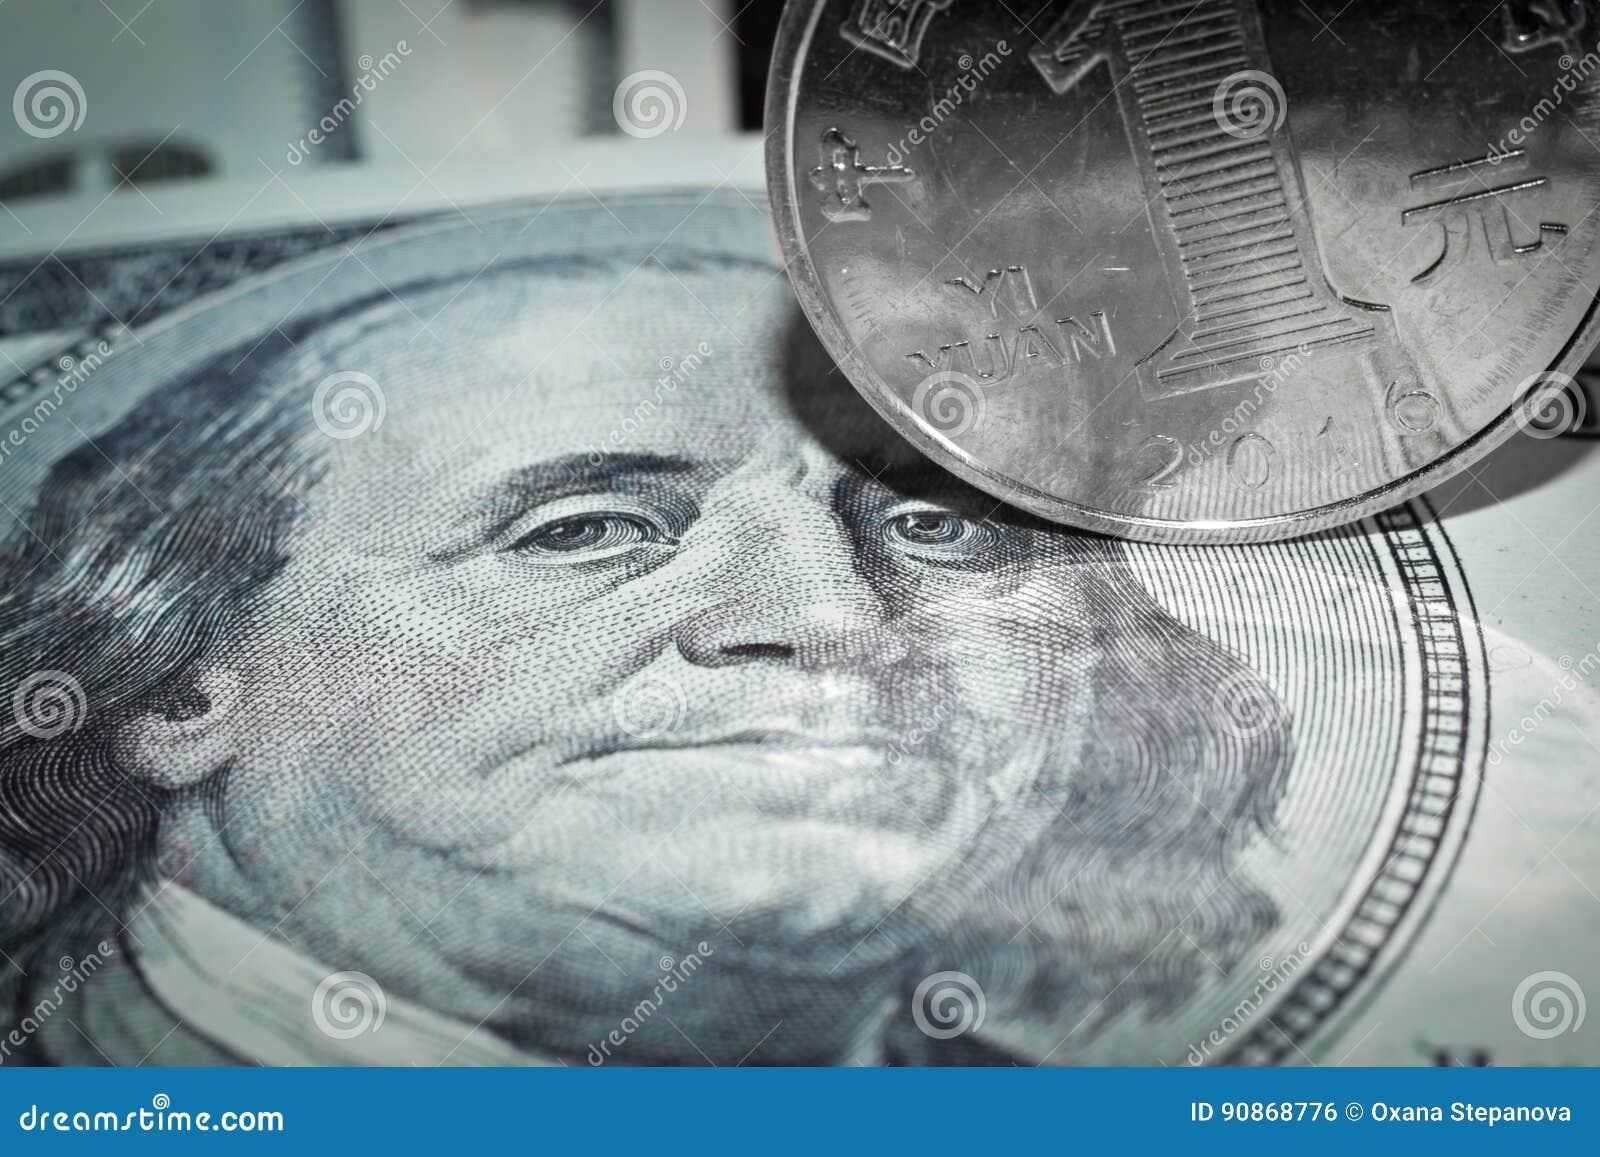 Makro- von hundert Dollarschein und Yuan prägen das Rollen über Franklin's-Augen